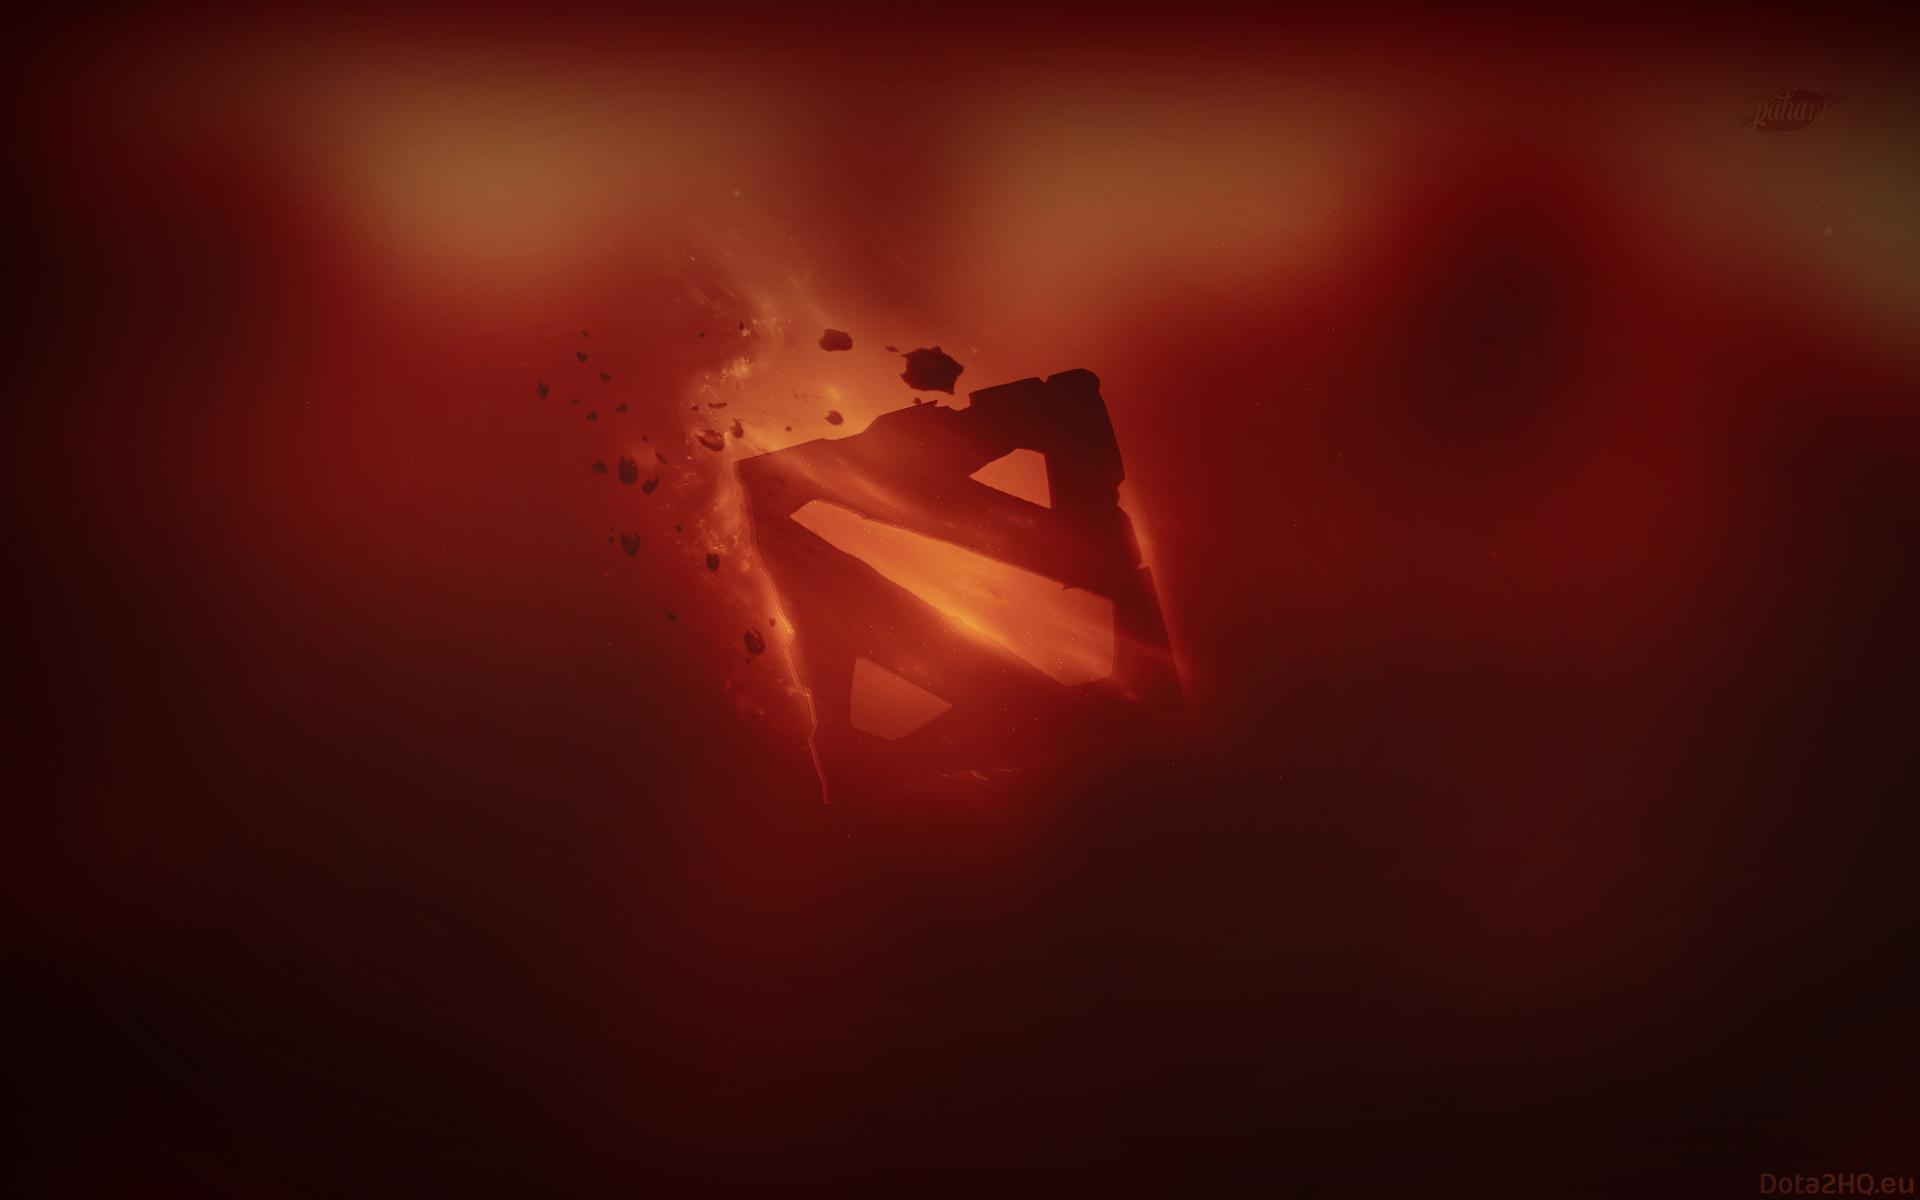 Wallpapers dota 2 Горячая лава, красный фон